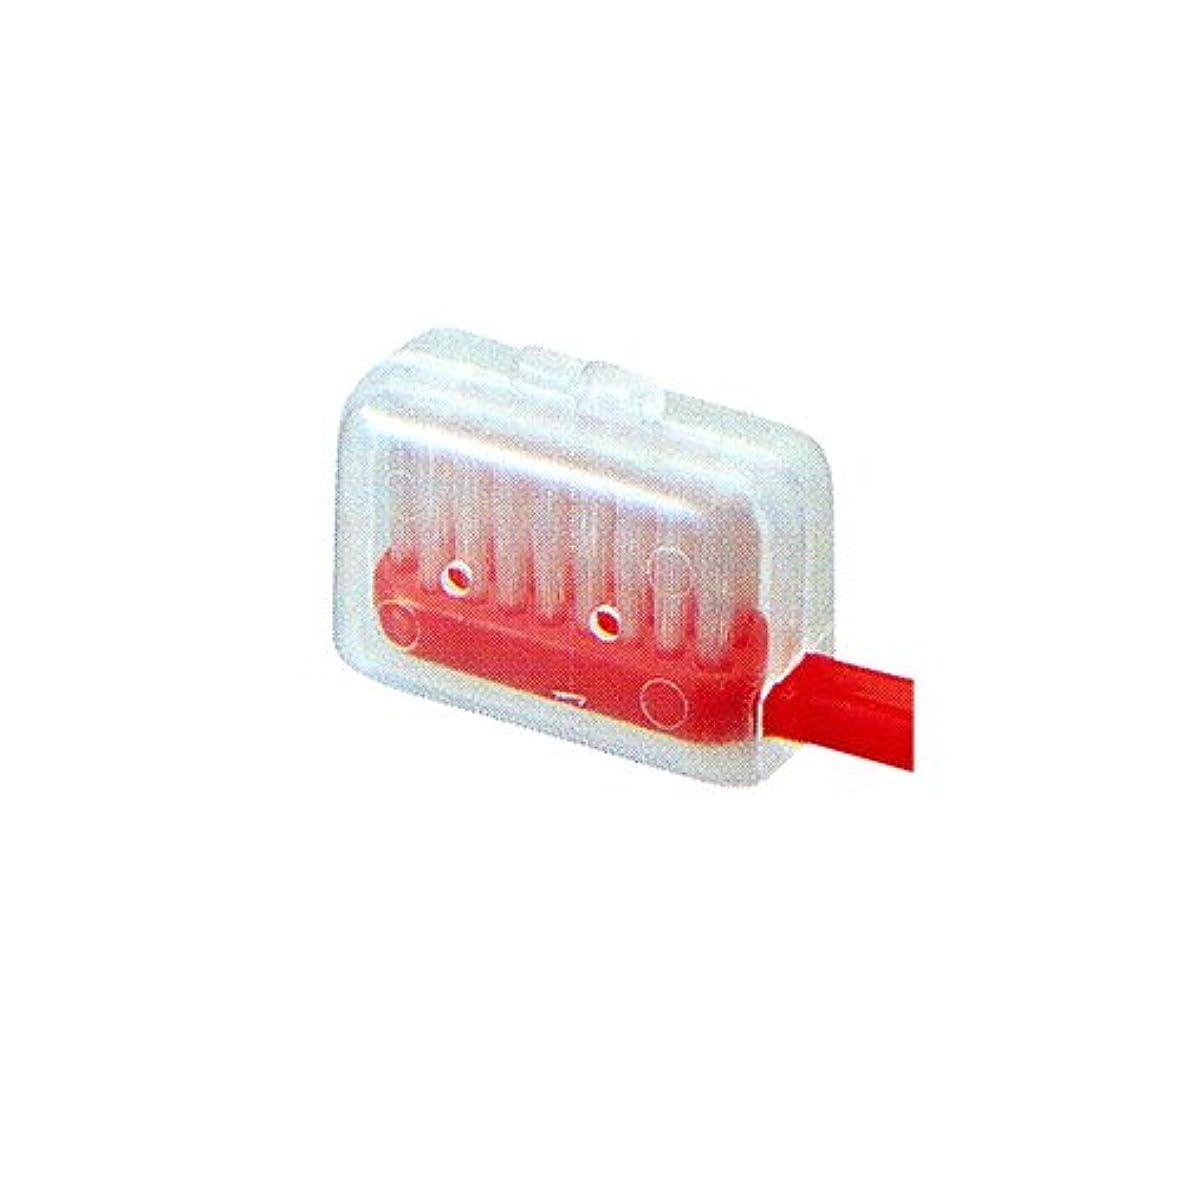 トランクライブラリ準備した削除するビーブランド 歯ブラシキャップ1個 (M)